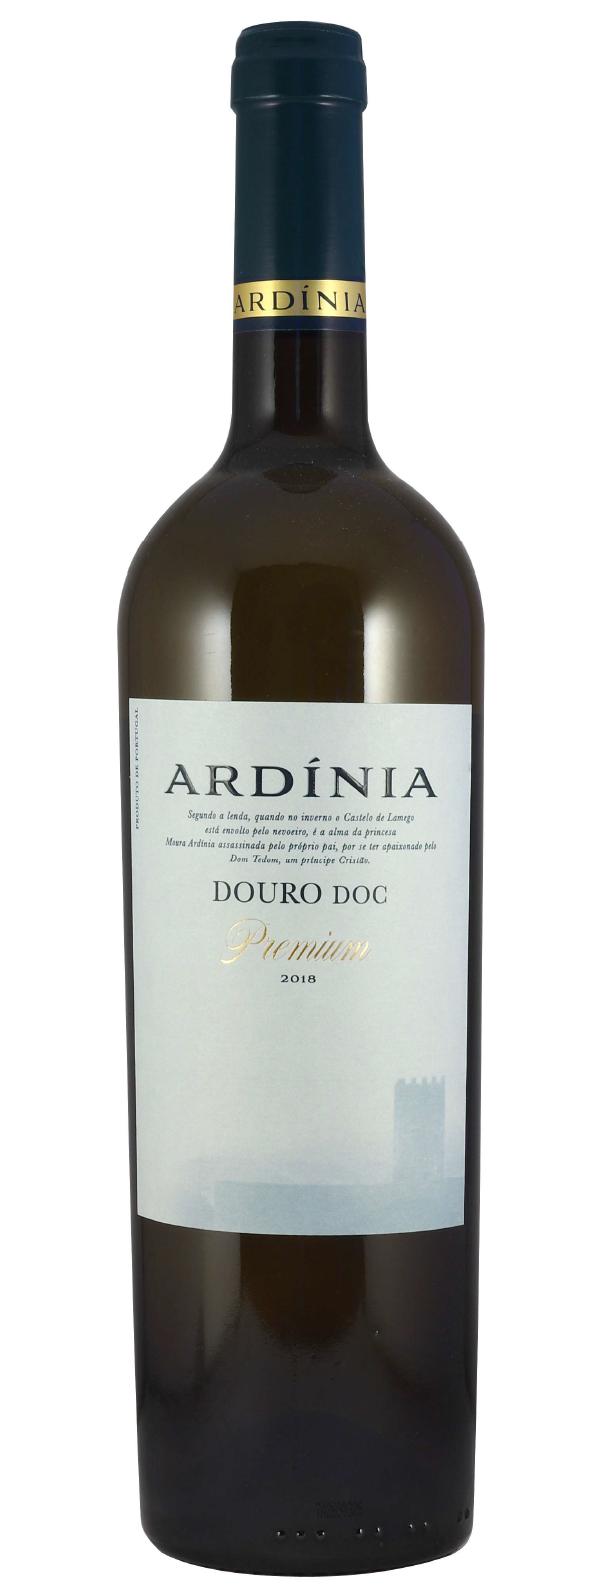 Best of Douro - Vinhos Douro DOC